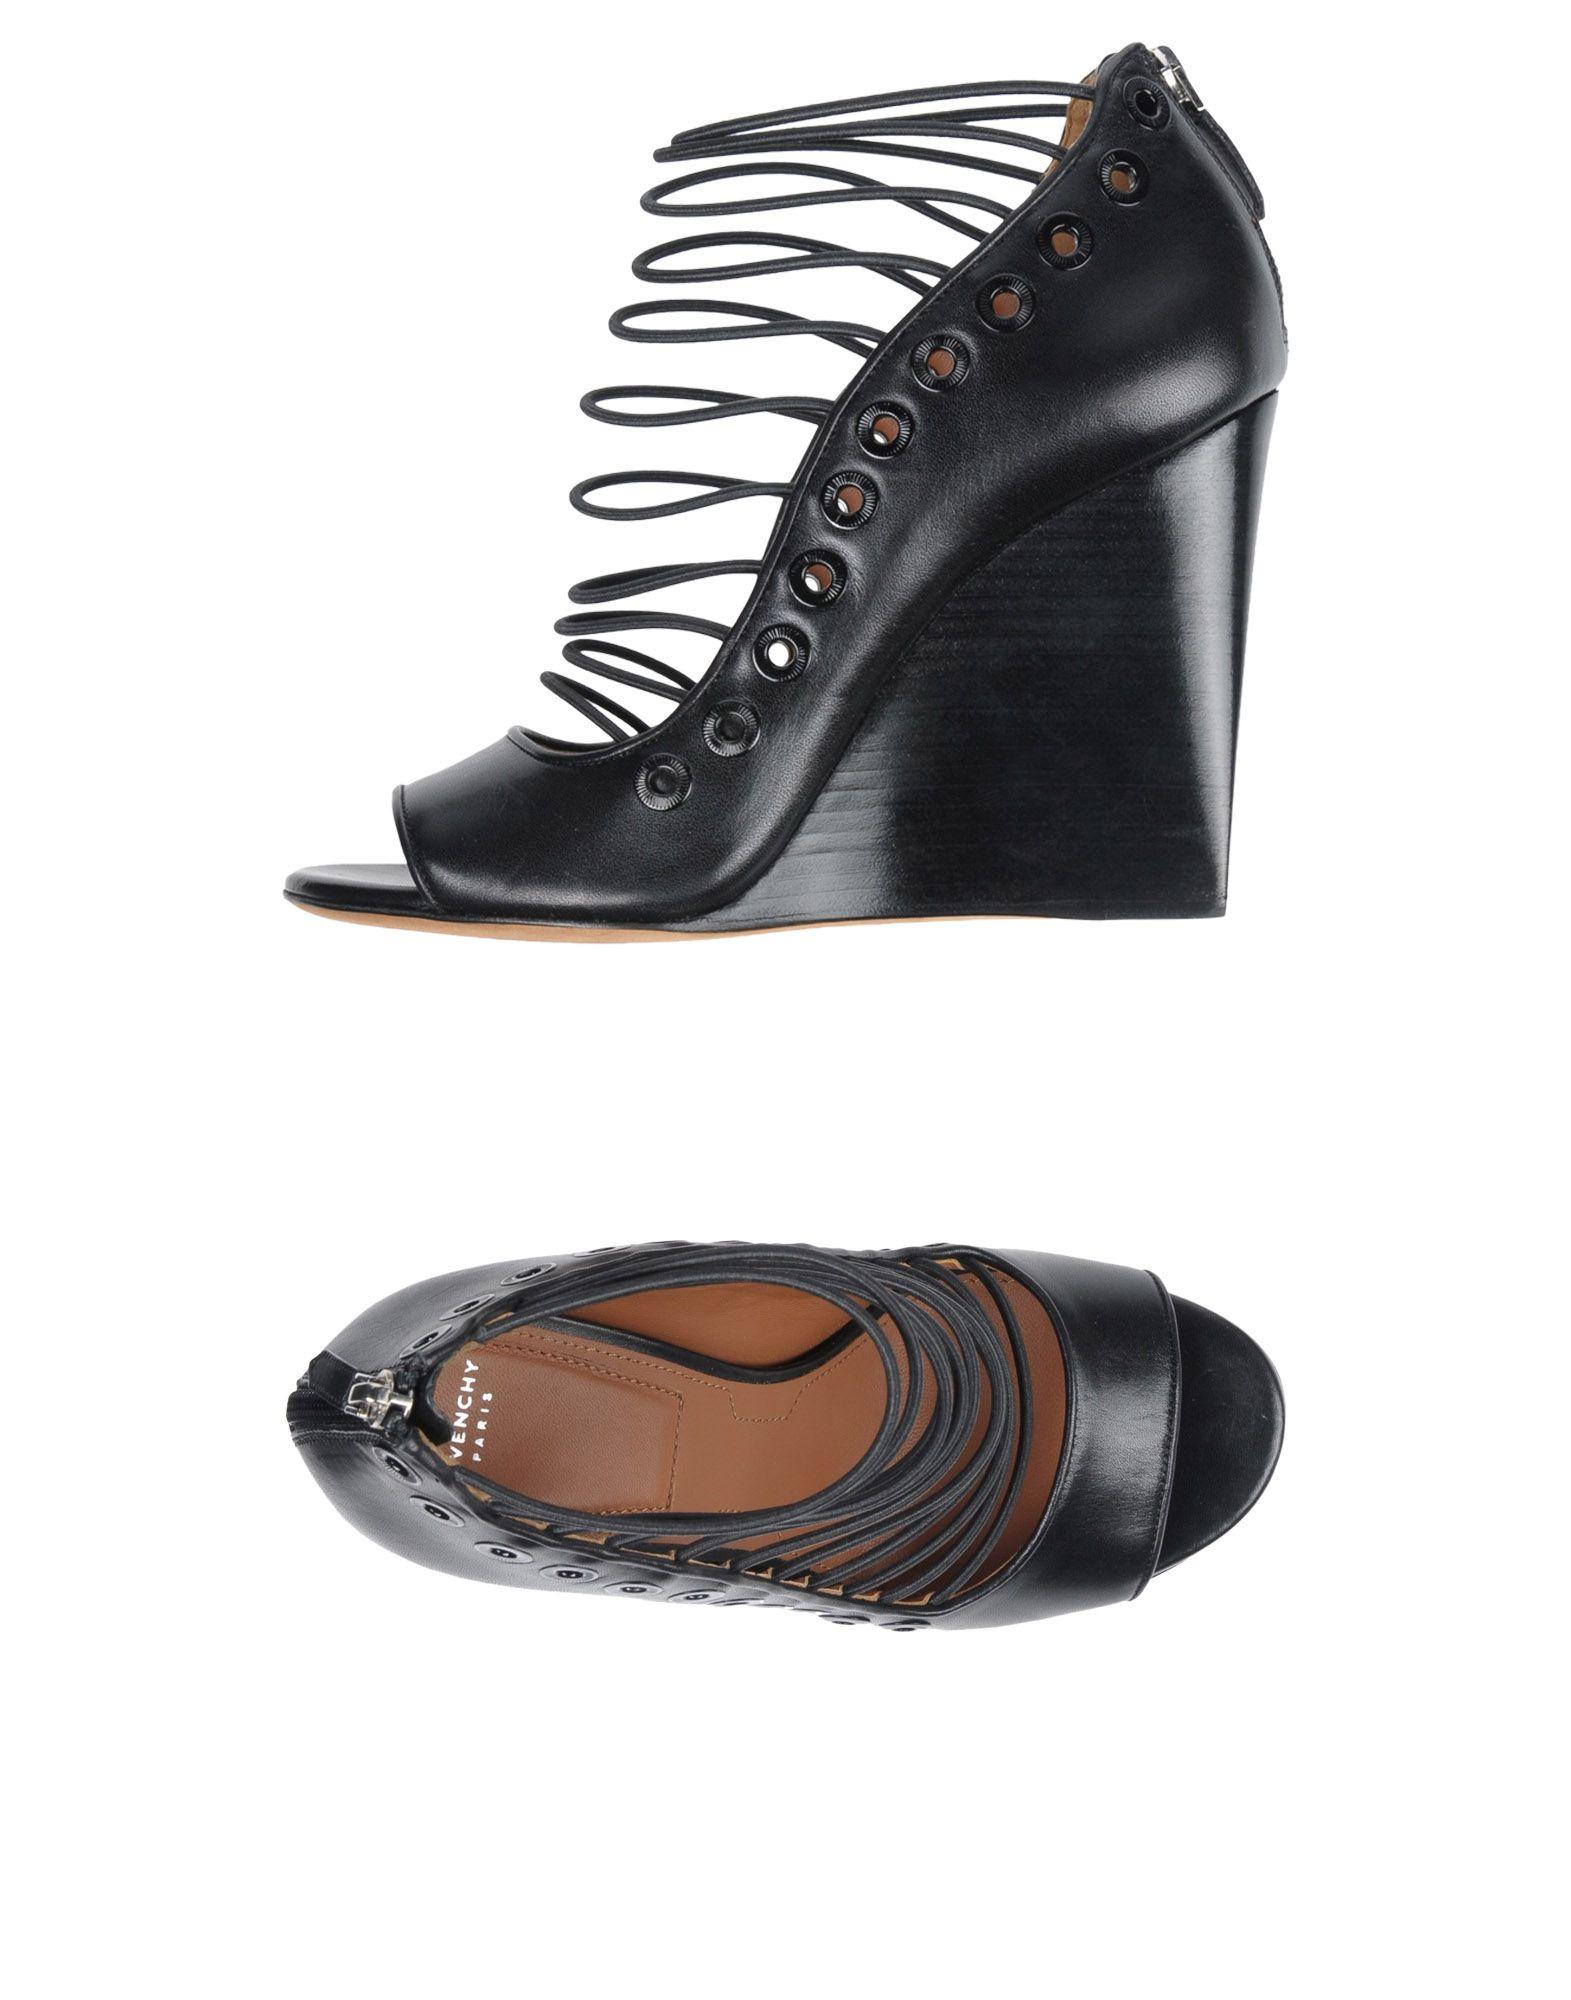 Escarpins Givenchy Femme - Escarpins Givenchy Noir Chaussures femme pas cher homme et femme